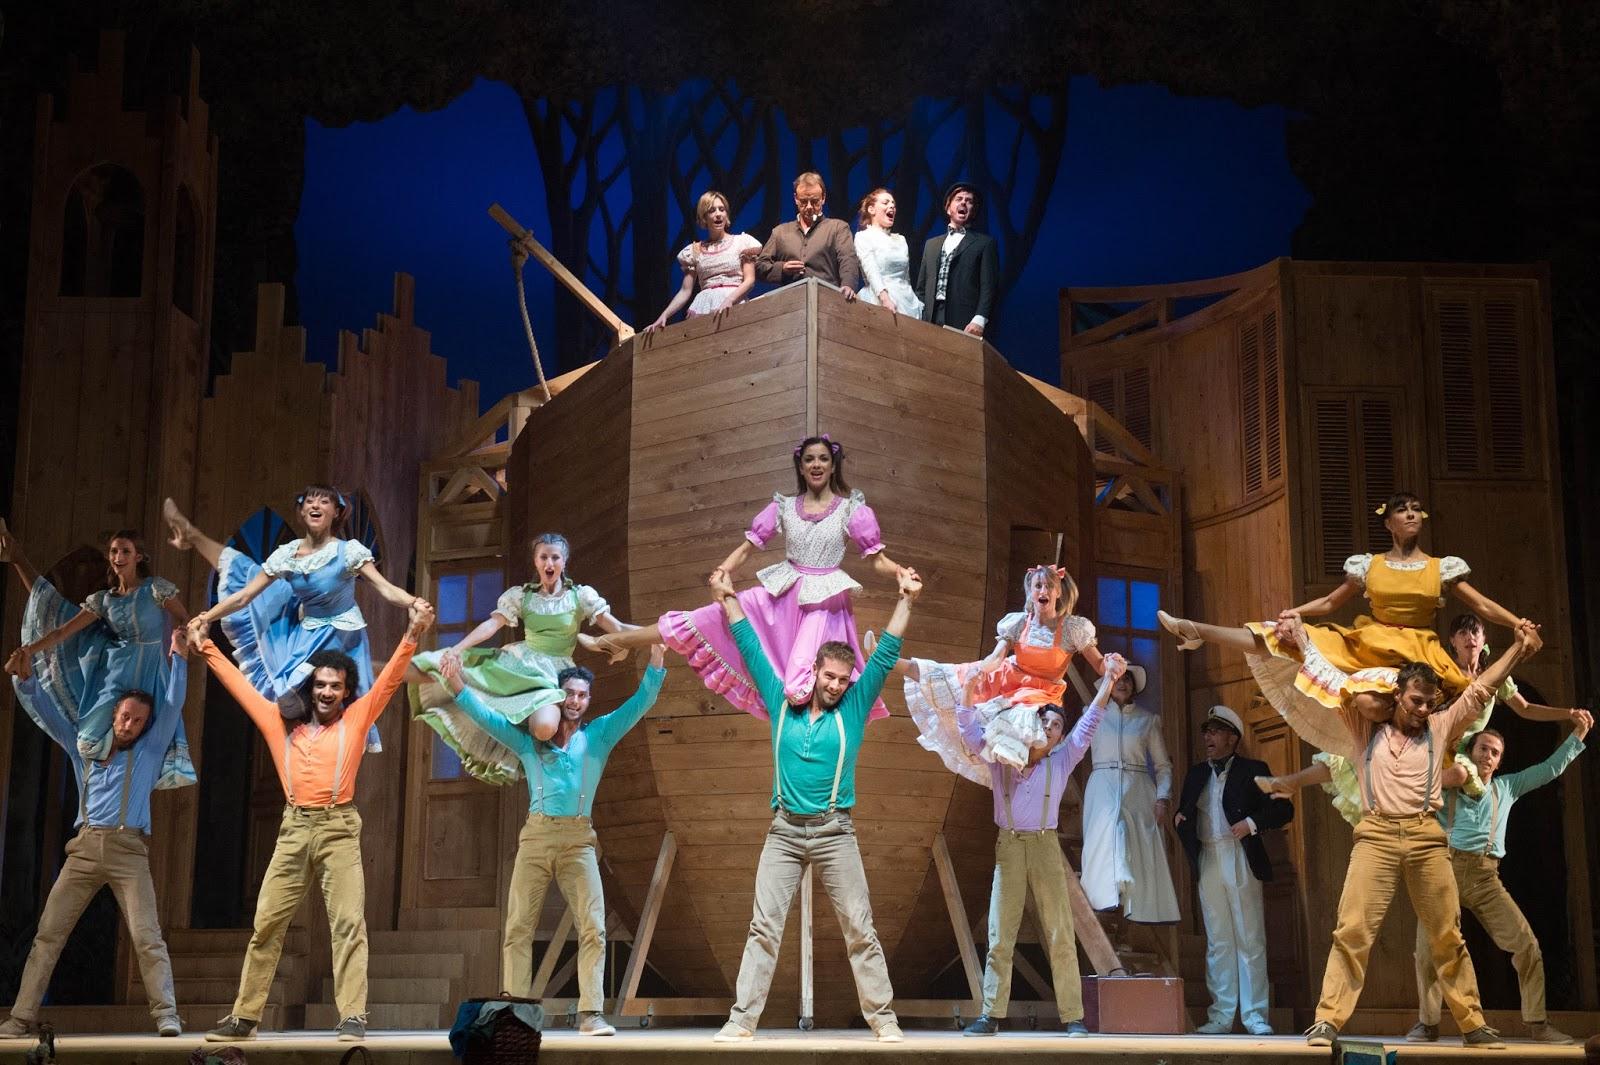 Aggiungi un posto a tavola al teatro europauditorium claudia grohovaz - Aggiungi un posto a tavola musical ...